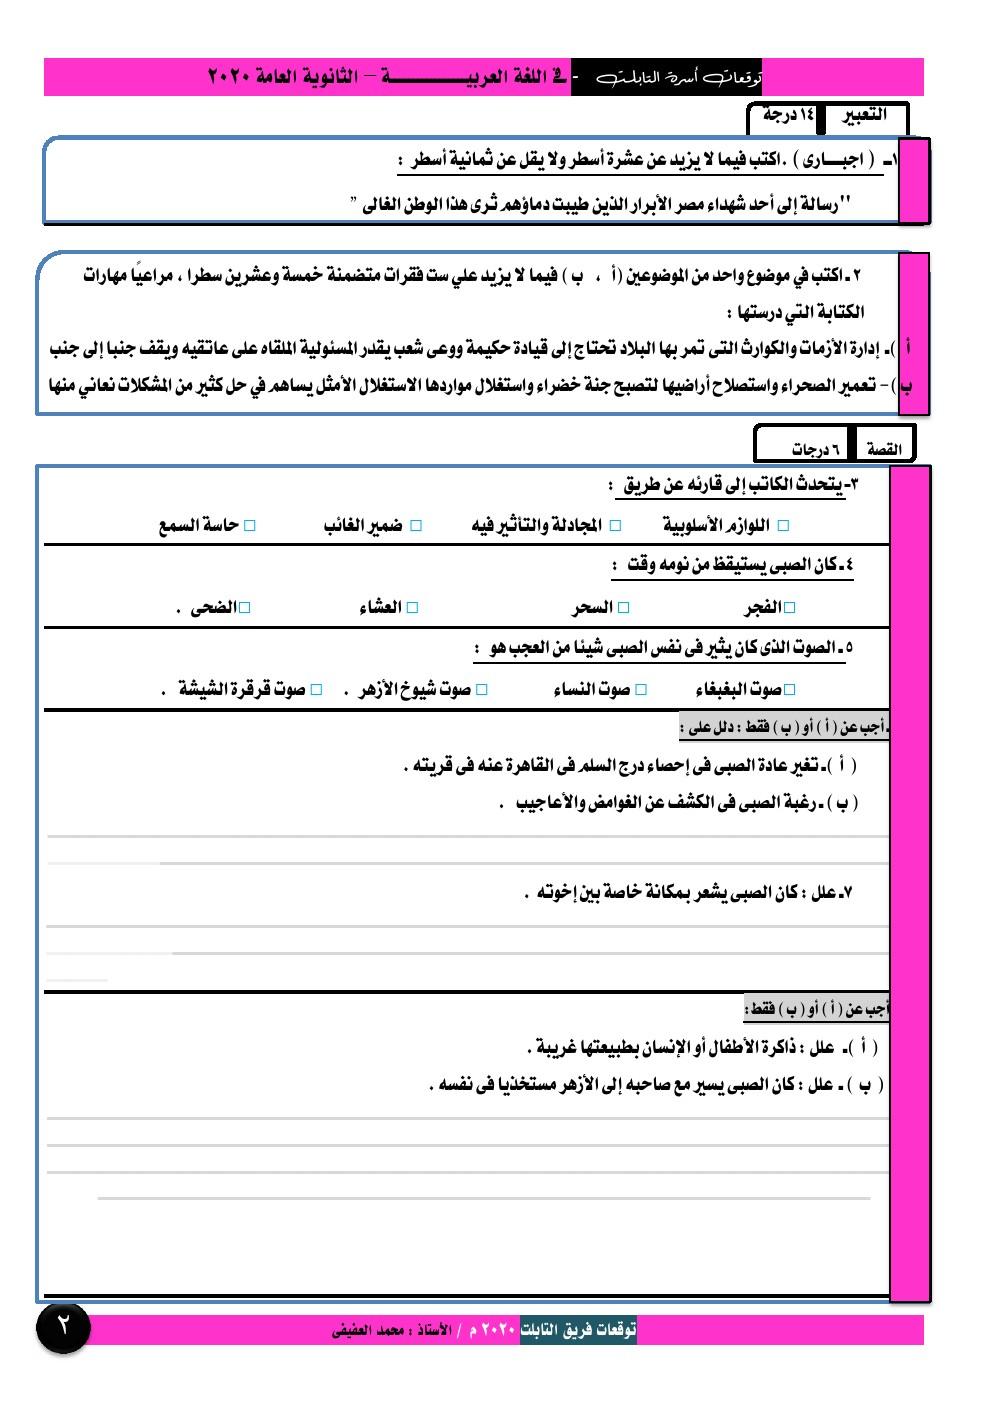 نماذج بوكليت لغة عربية متوقعة للصف الثالث الثانوى 2020 أ/ محمد العفيفي 2